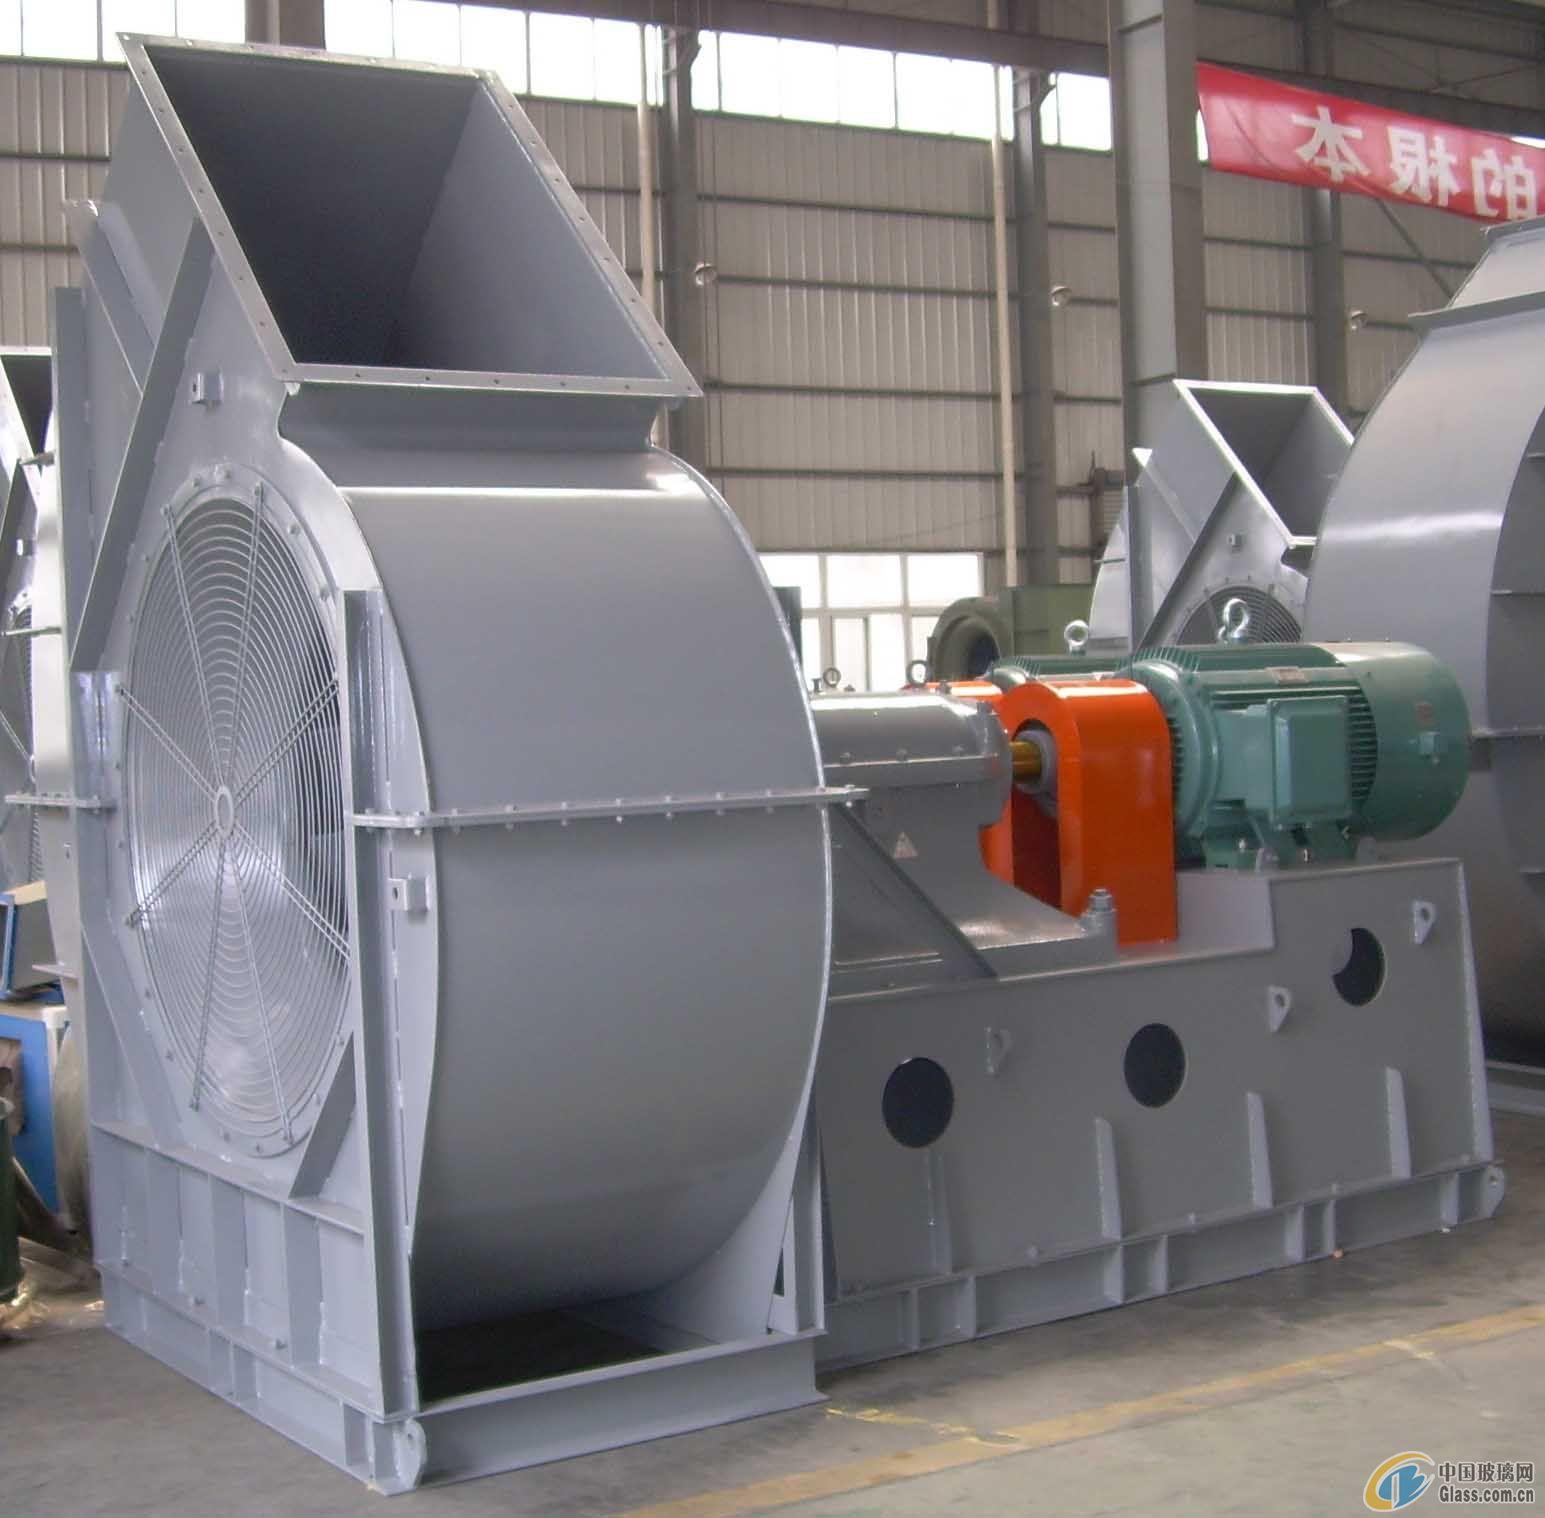 供应玻璃机械专用5-48型离心通风机 发布公司:上海德惠特种风机有限